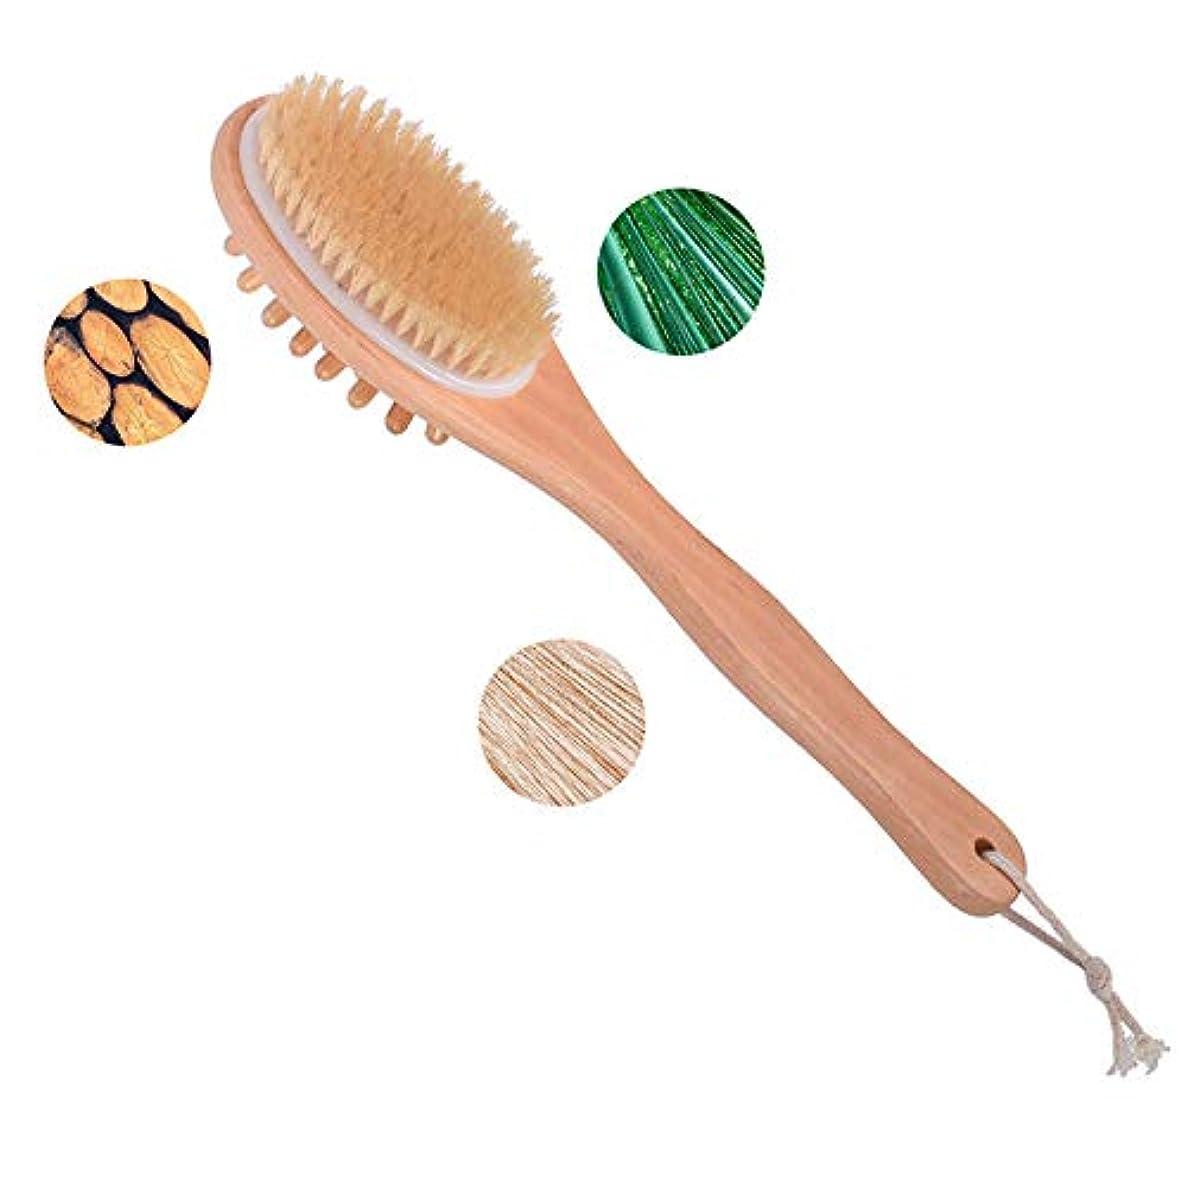 ウェイトレス高価なライラックバスブロッサムタケバスボディーブラシエクストラロングハンドル角質除去バックスクラバー効果的なバックブラシ剥離と肌セルライトブラシ